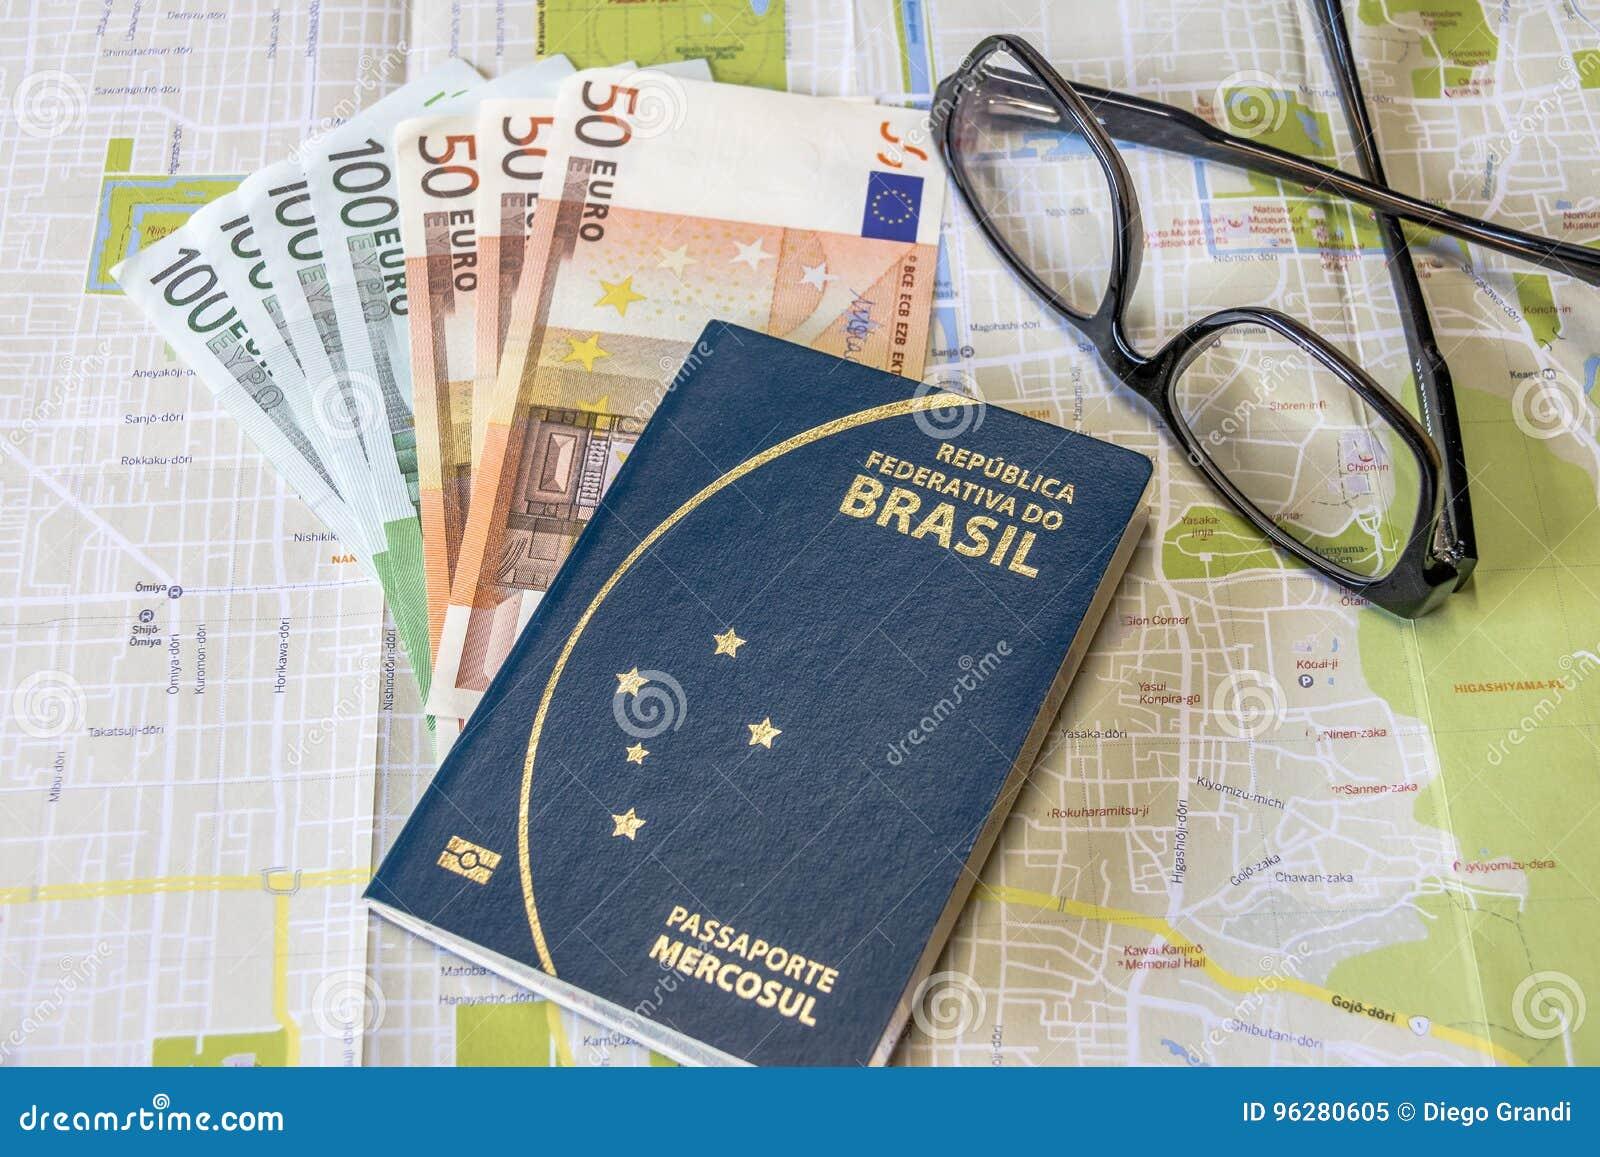 Дрочит евро в бразилии порно молодые русские